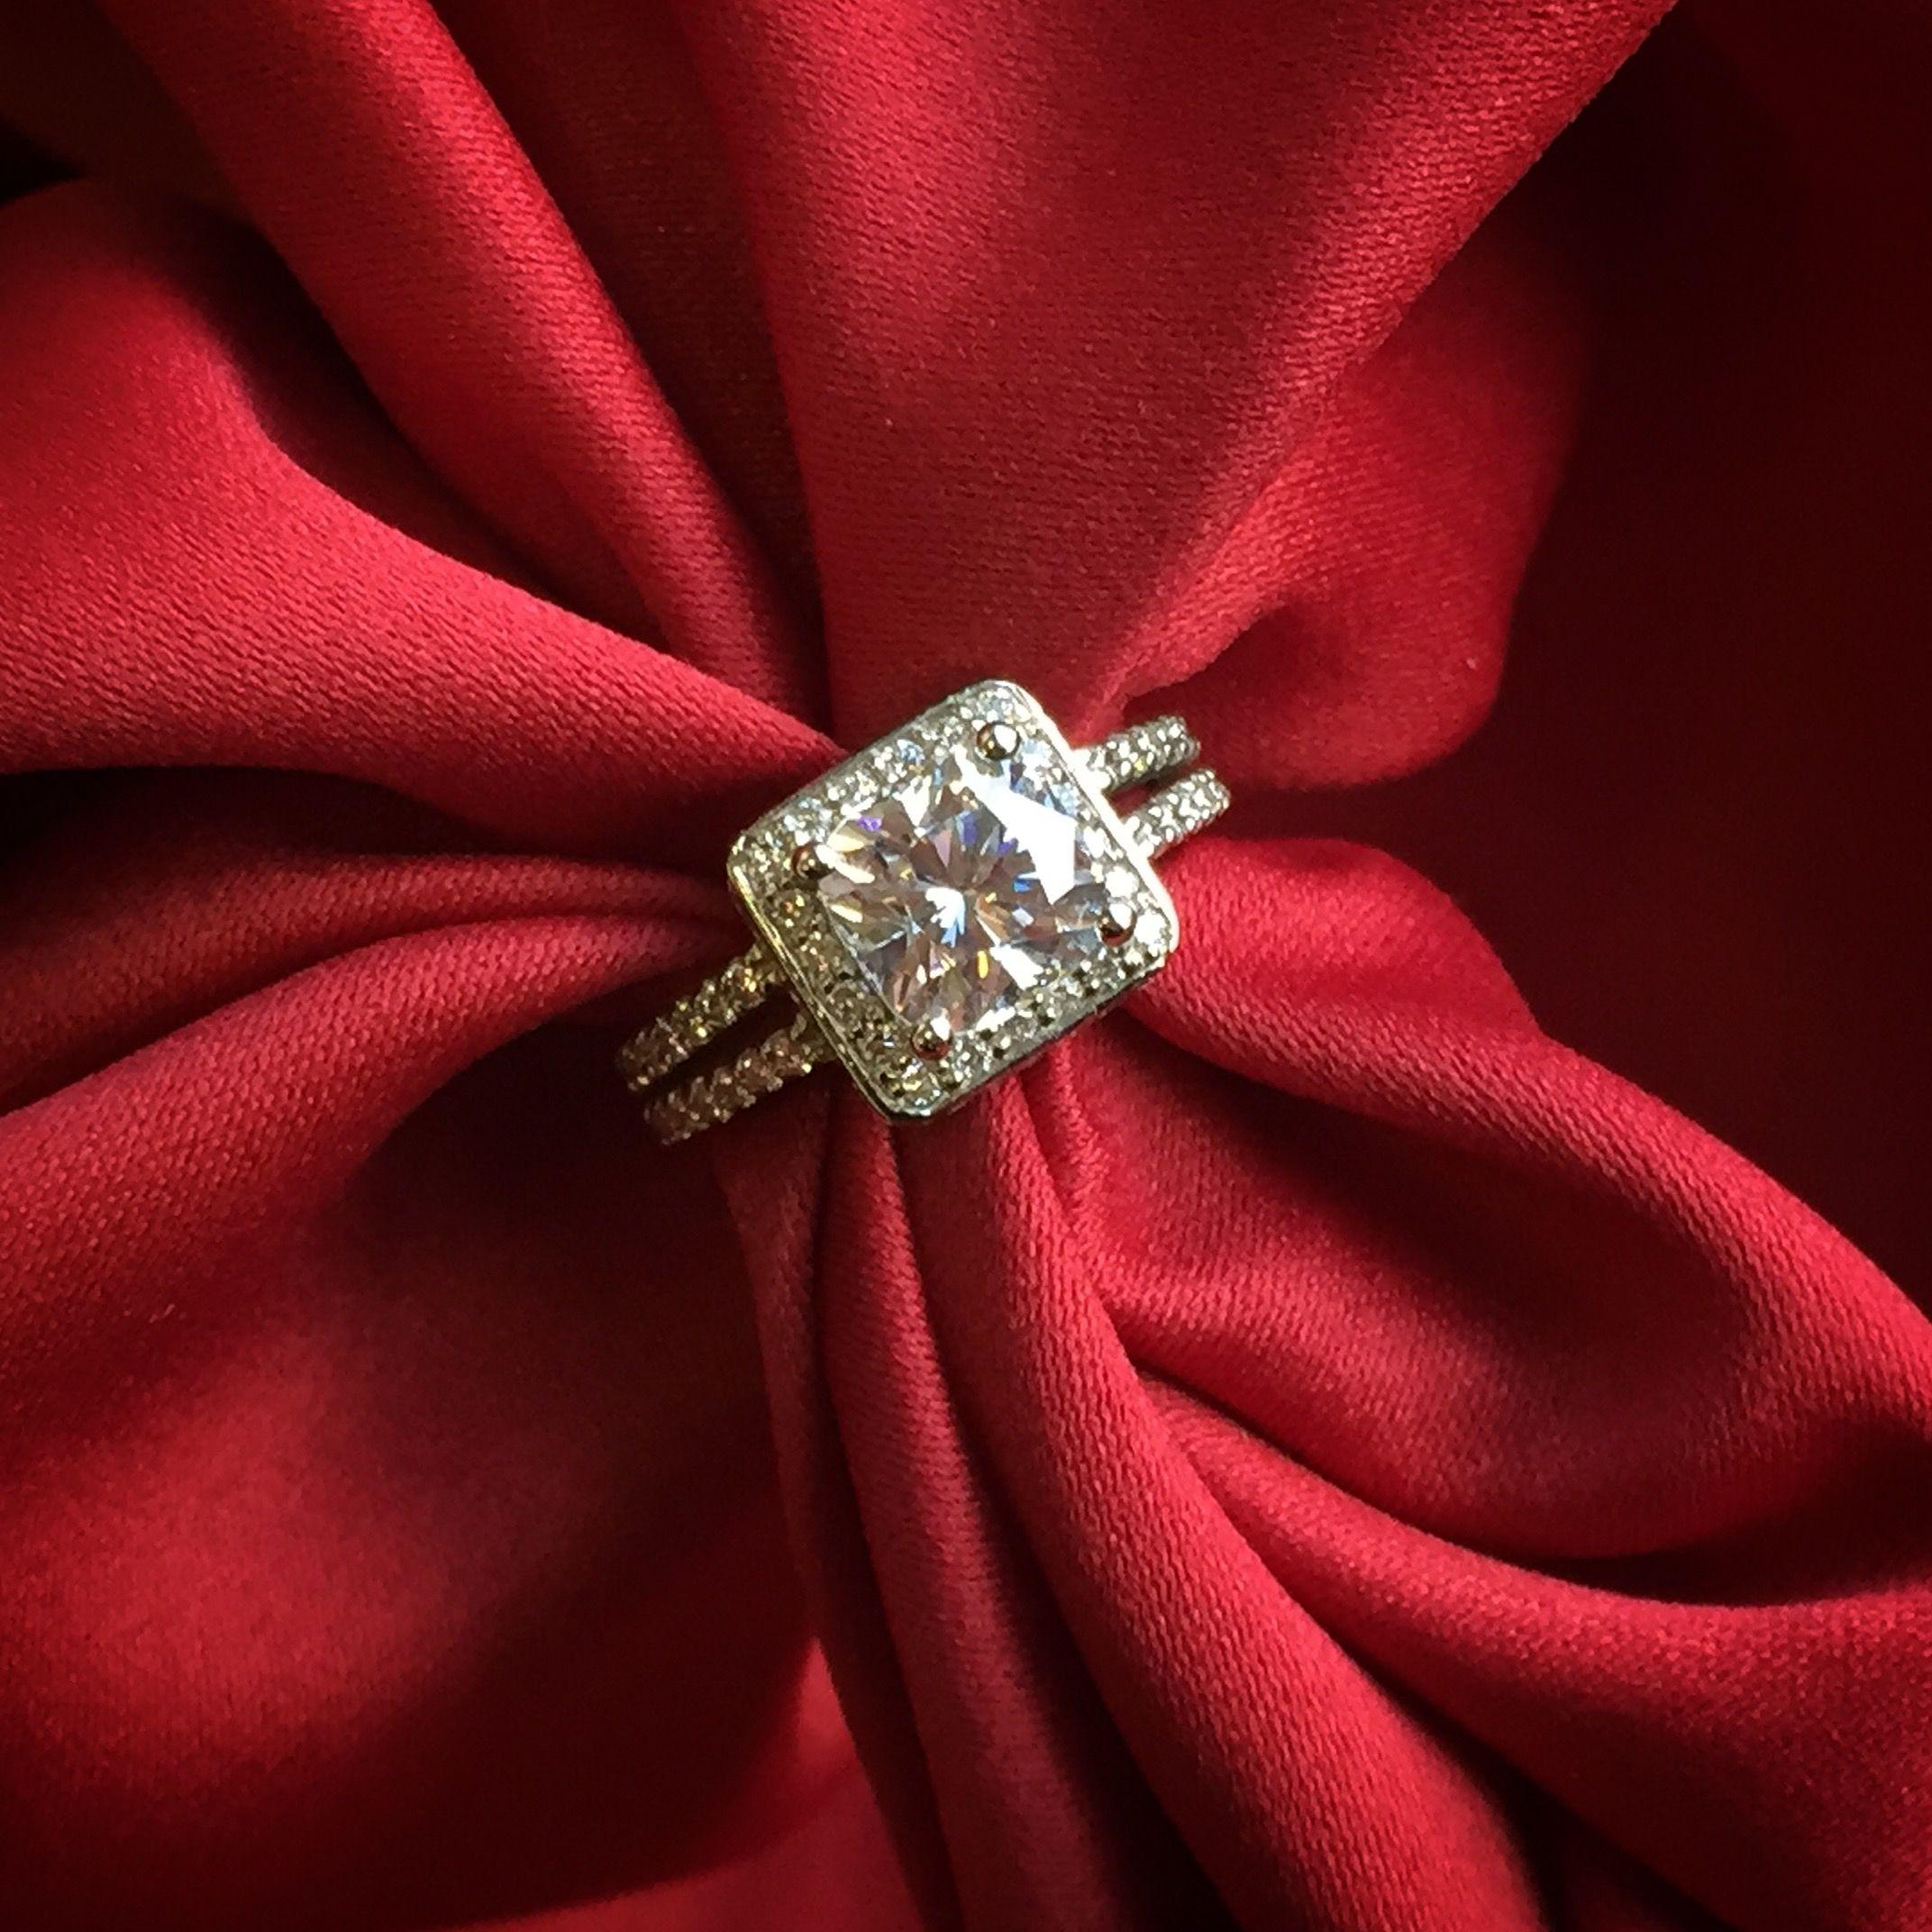 Обручальные кольца, Кольца, Украшения